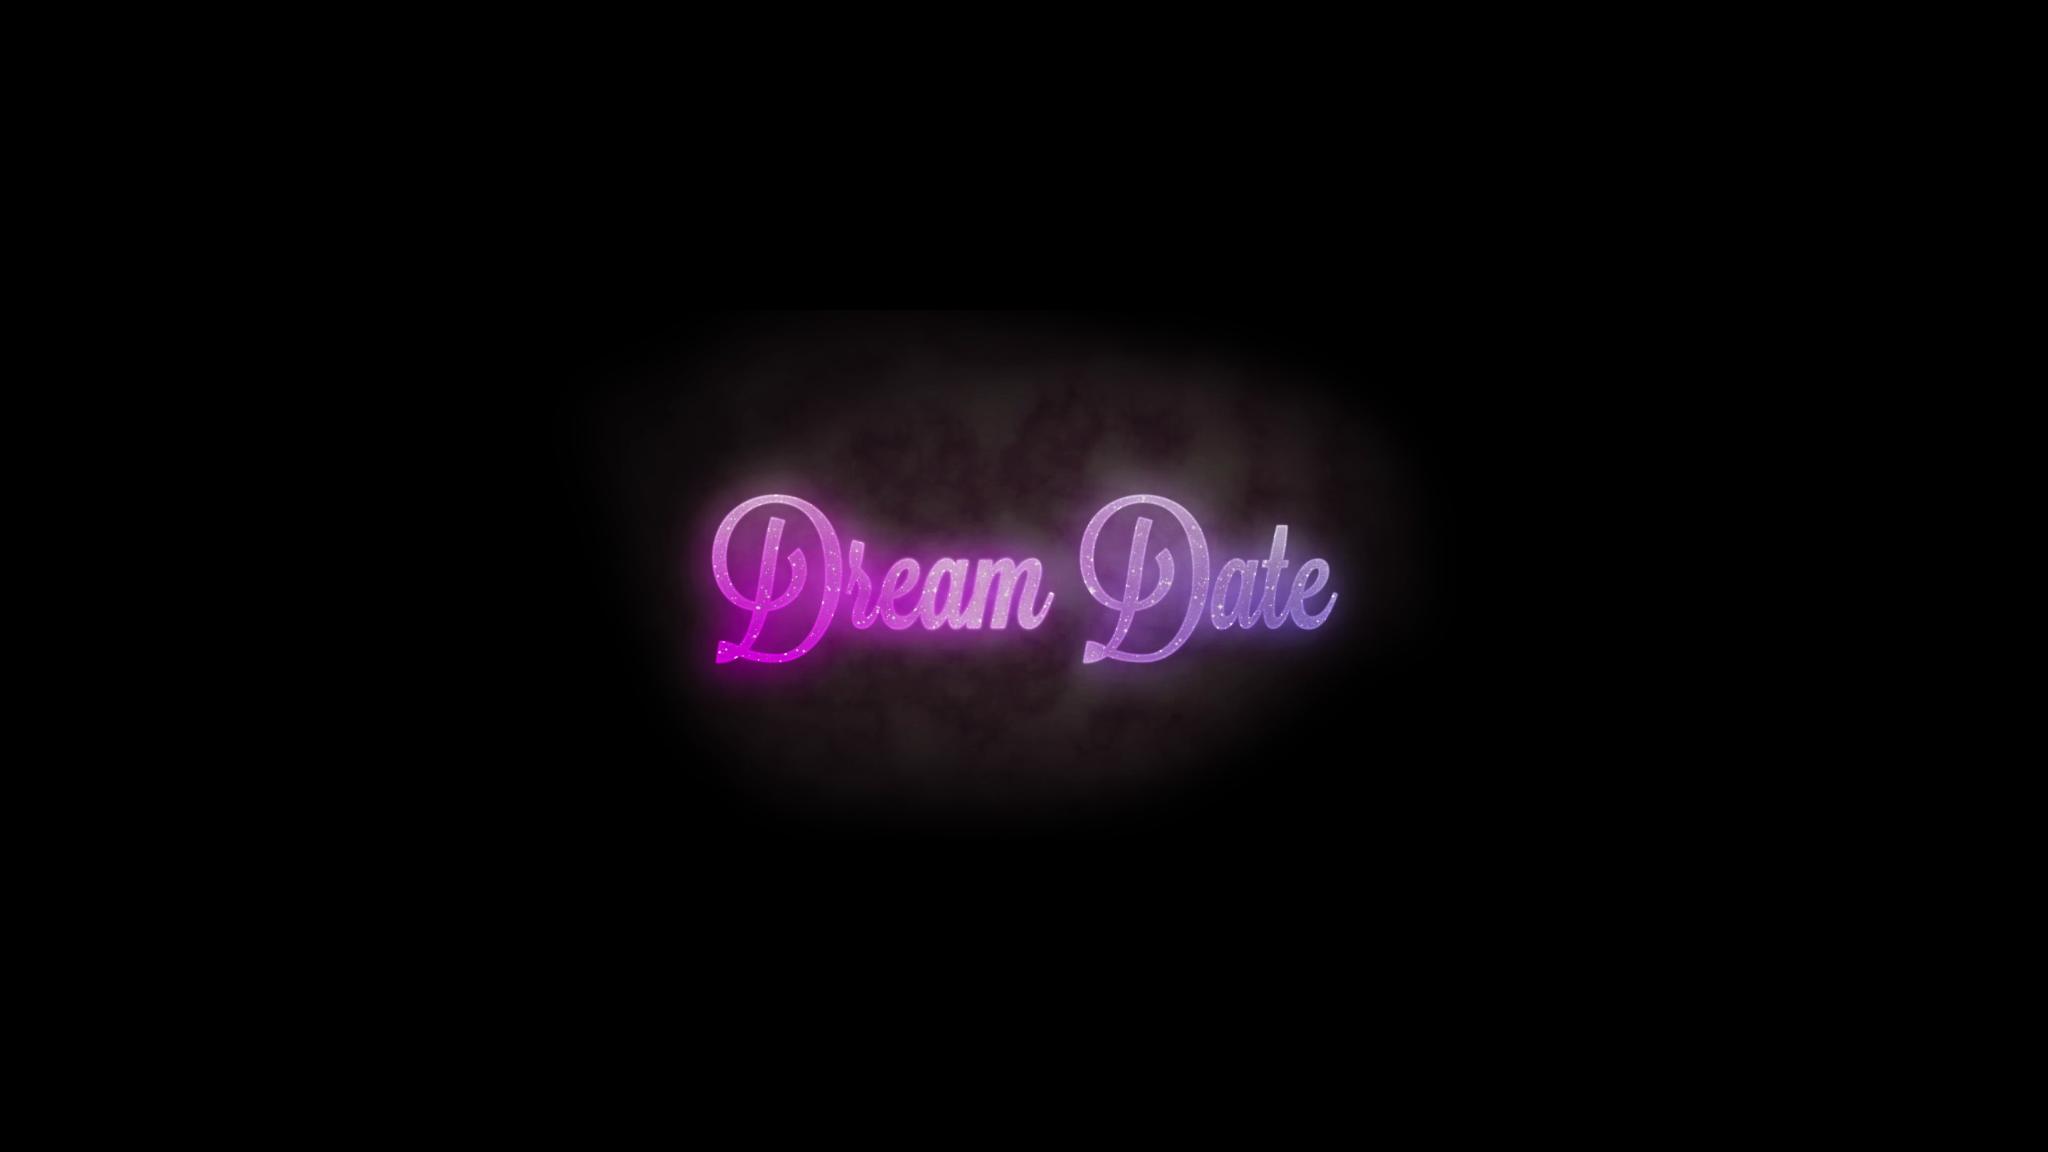 DREAM DATE_01_00000.png